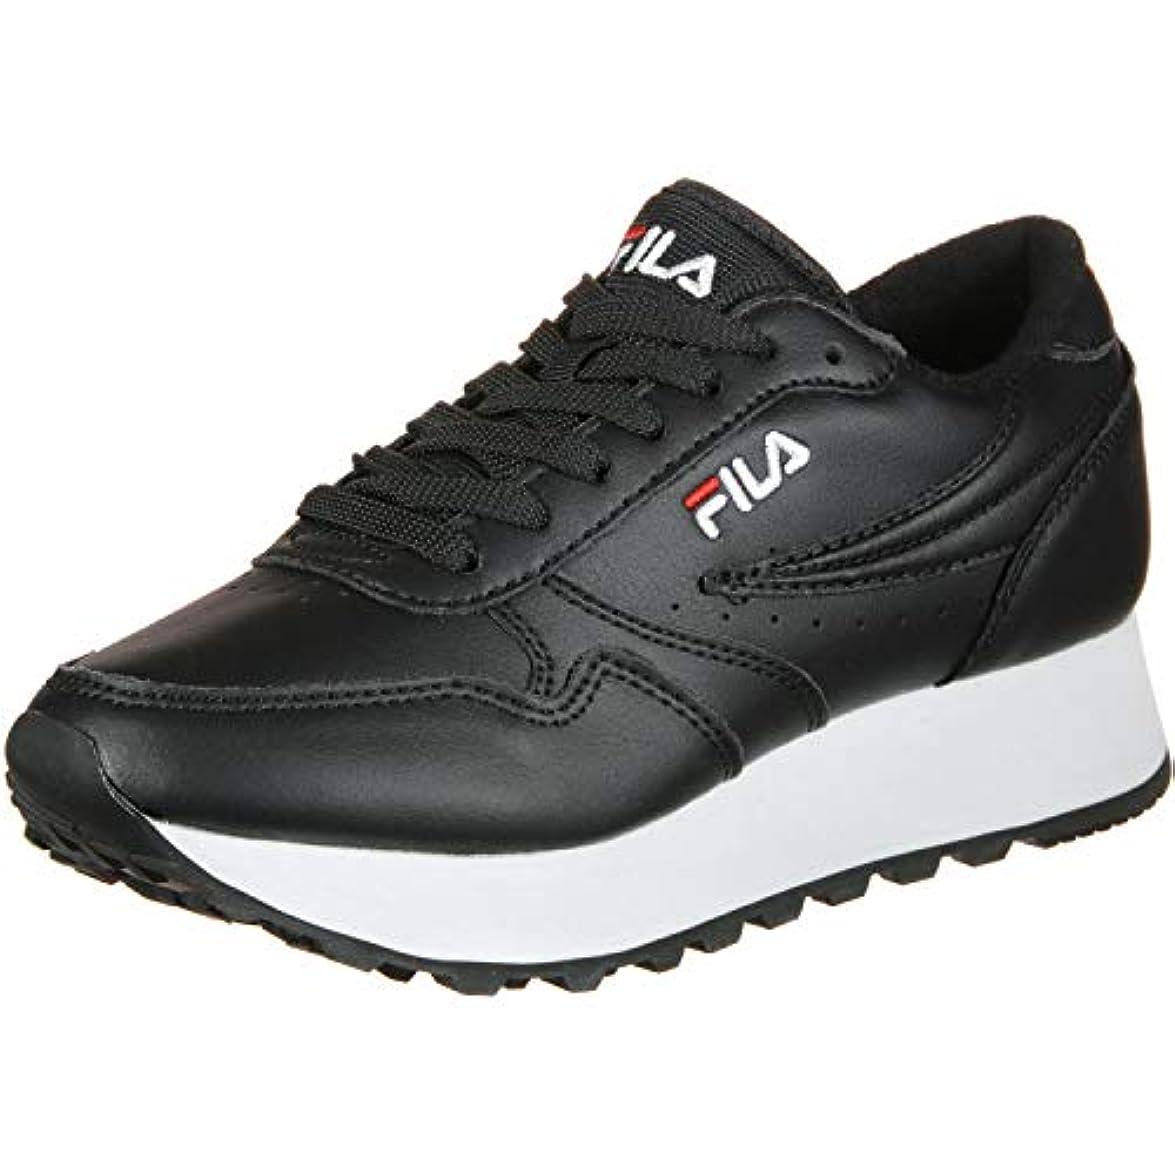 Fila Donna 1010311-25y Zeppa Low Orbit Sneaker Wmn